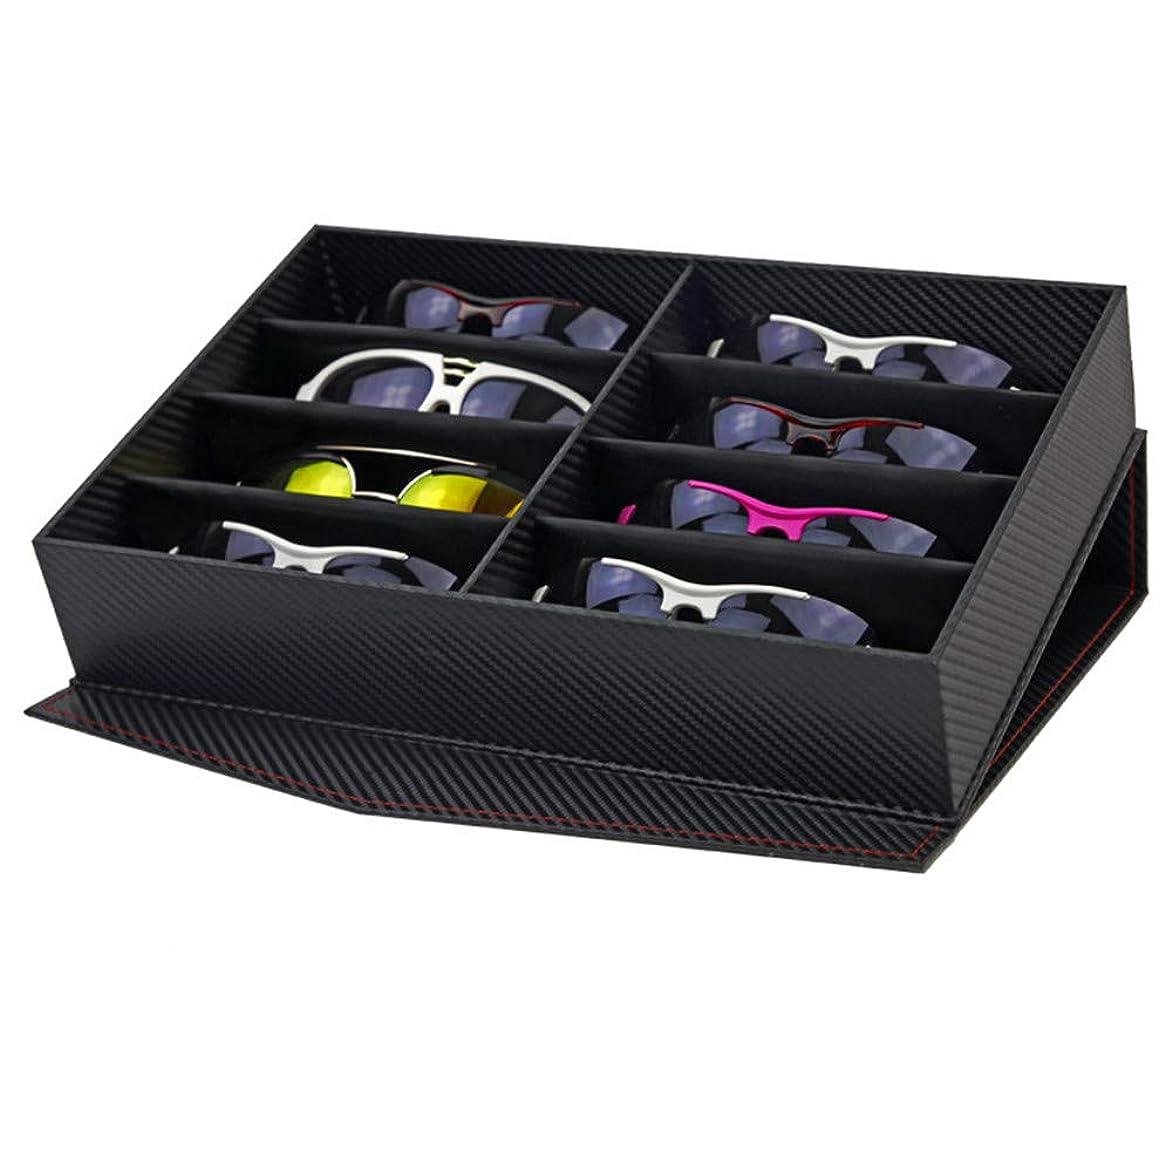 蒸反対にデンマーク語メガネ収納ボックス、 多機能サングラスオーガナイザー眼鏡アイウェアディスプレイコレクション収納ケース12コンパートメントメガネホルダーボックス き メガネコレクションケース サングラススタンド